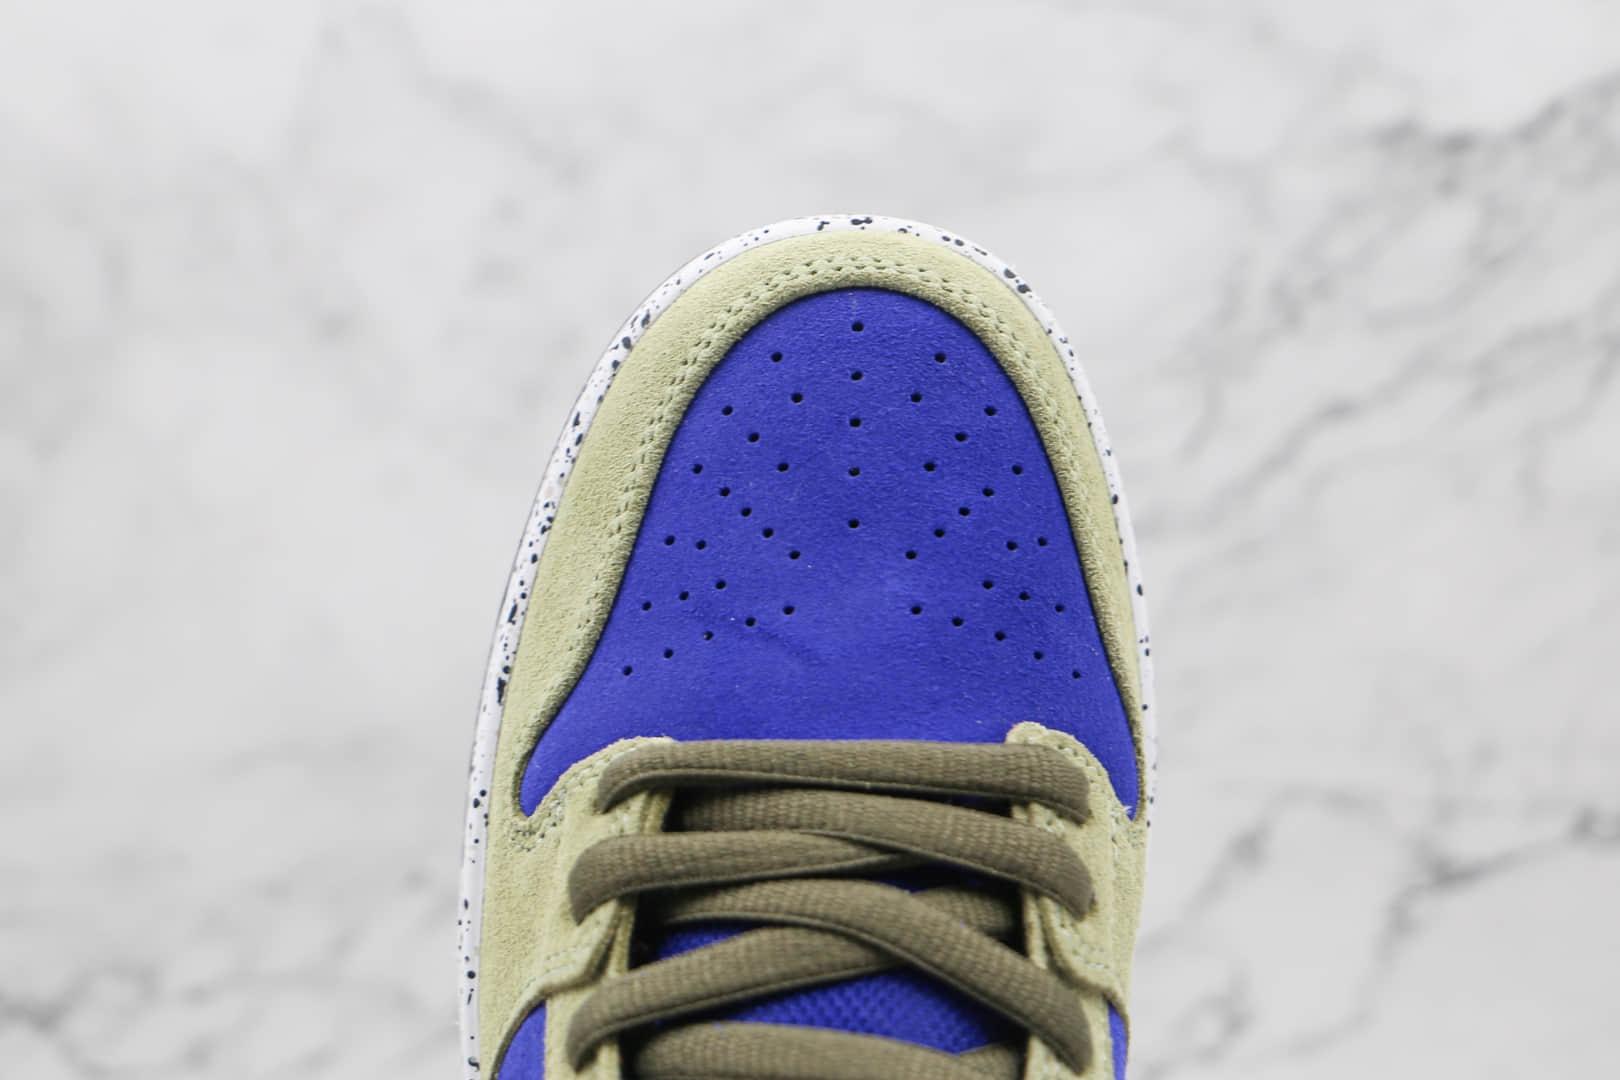 耐克Nike SB Dunk Low Celadon纯原版本低帮Dunk翻毛皮板鞋青瓷原档案数据开发 货号:BQ6817-301